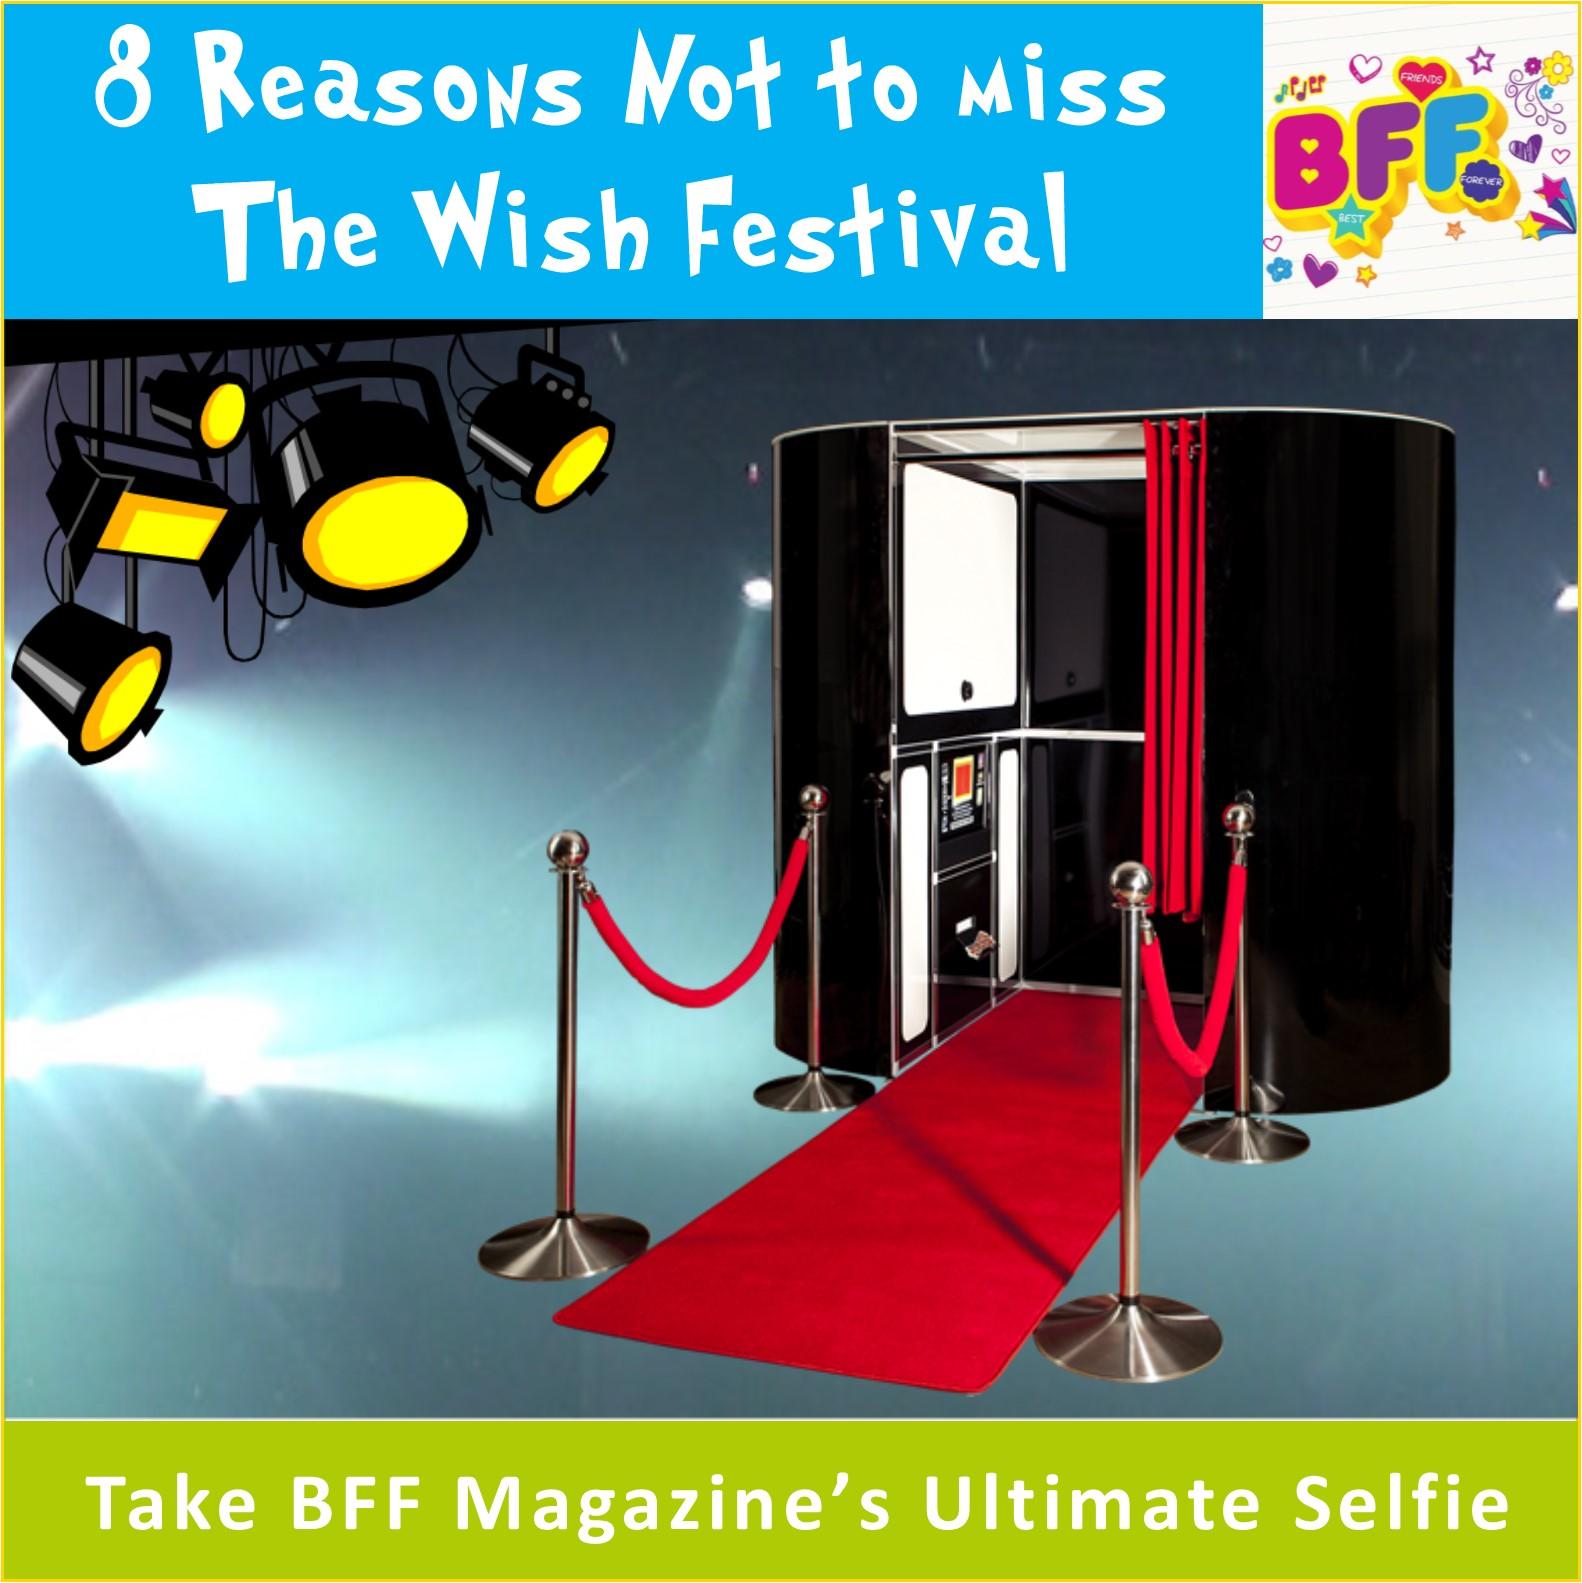 Beatie Wolfe - Wish Festival - 8 reasons - BFF Mag.jpg